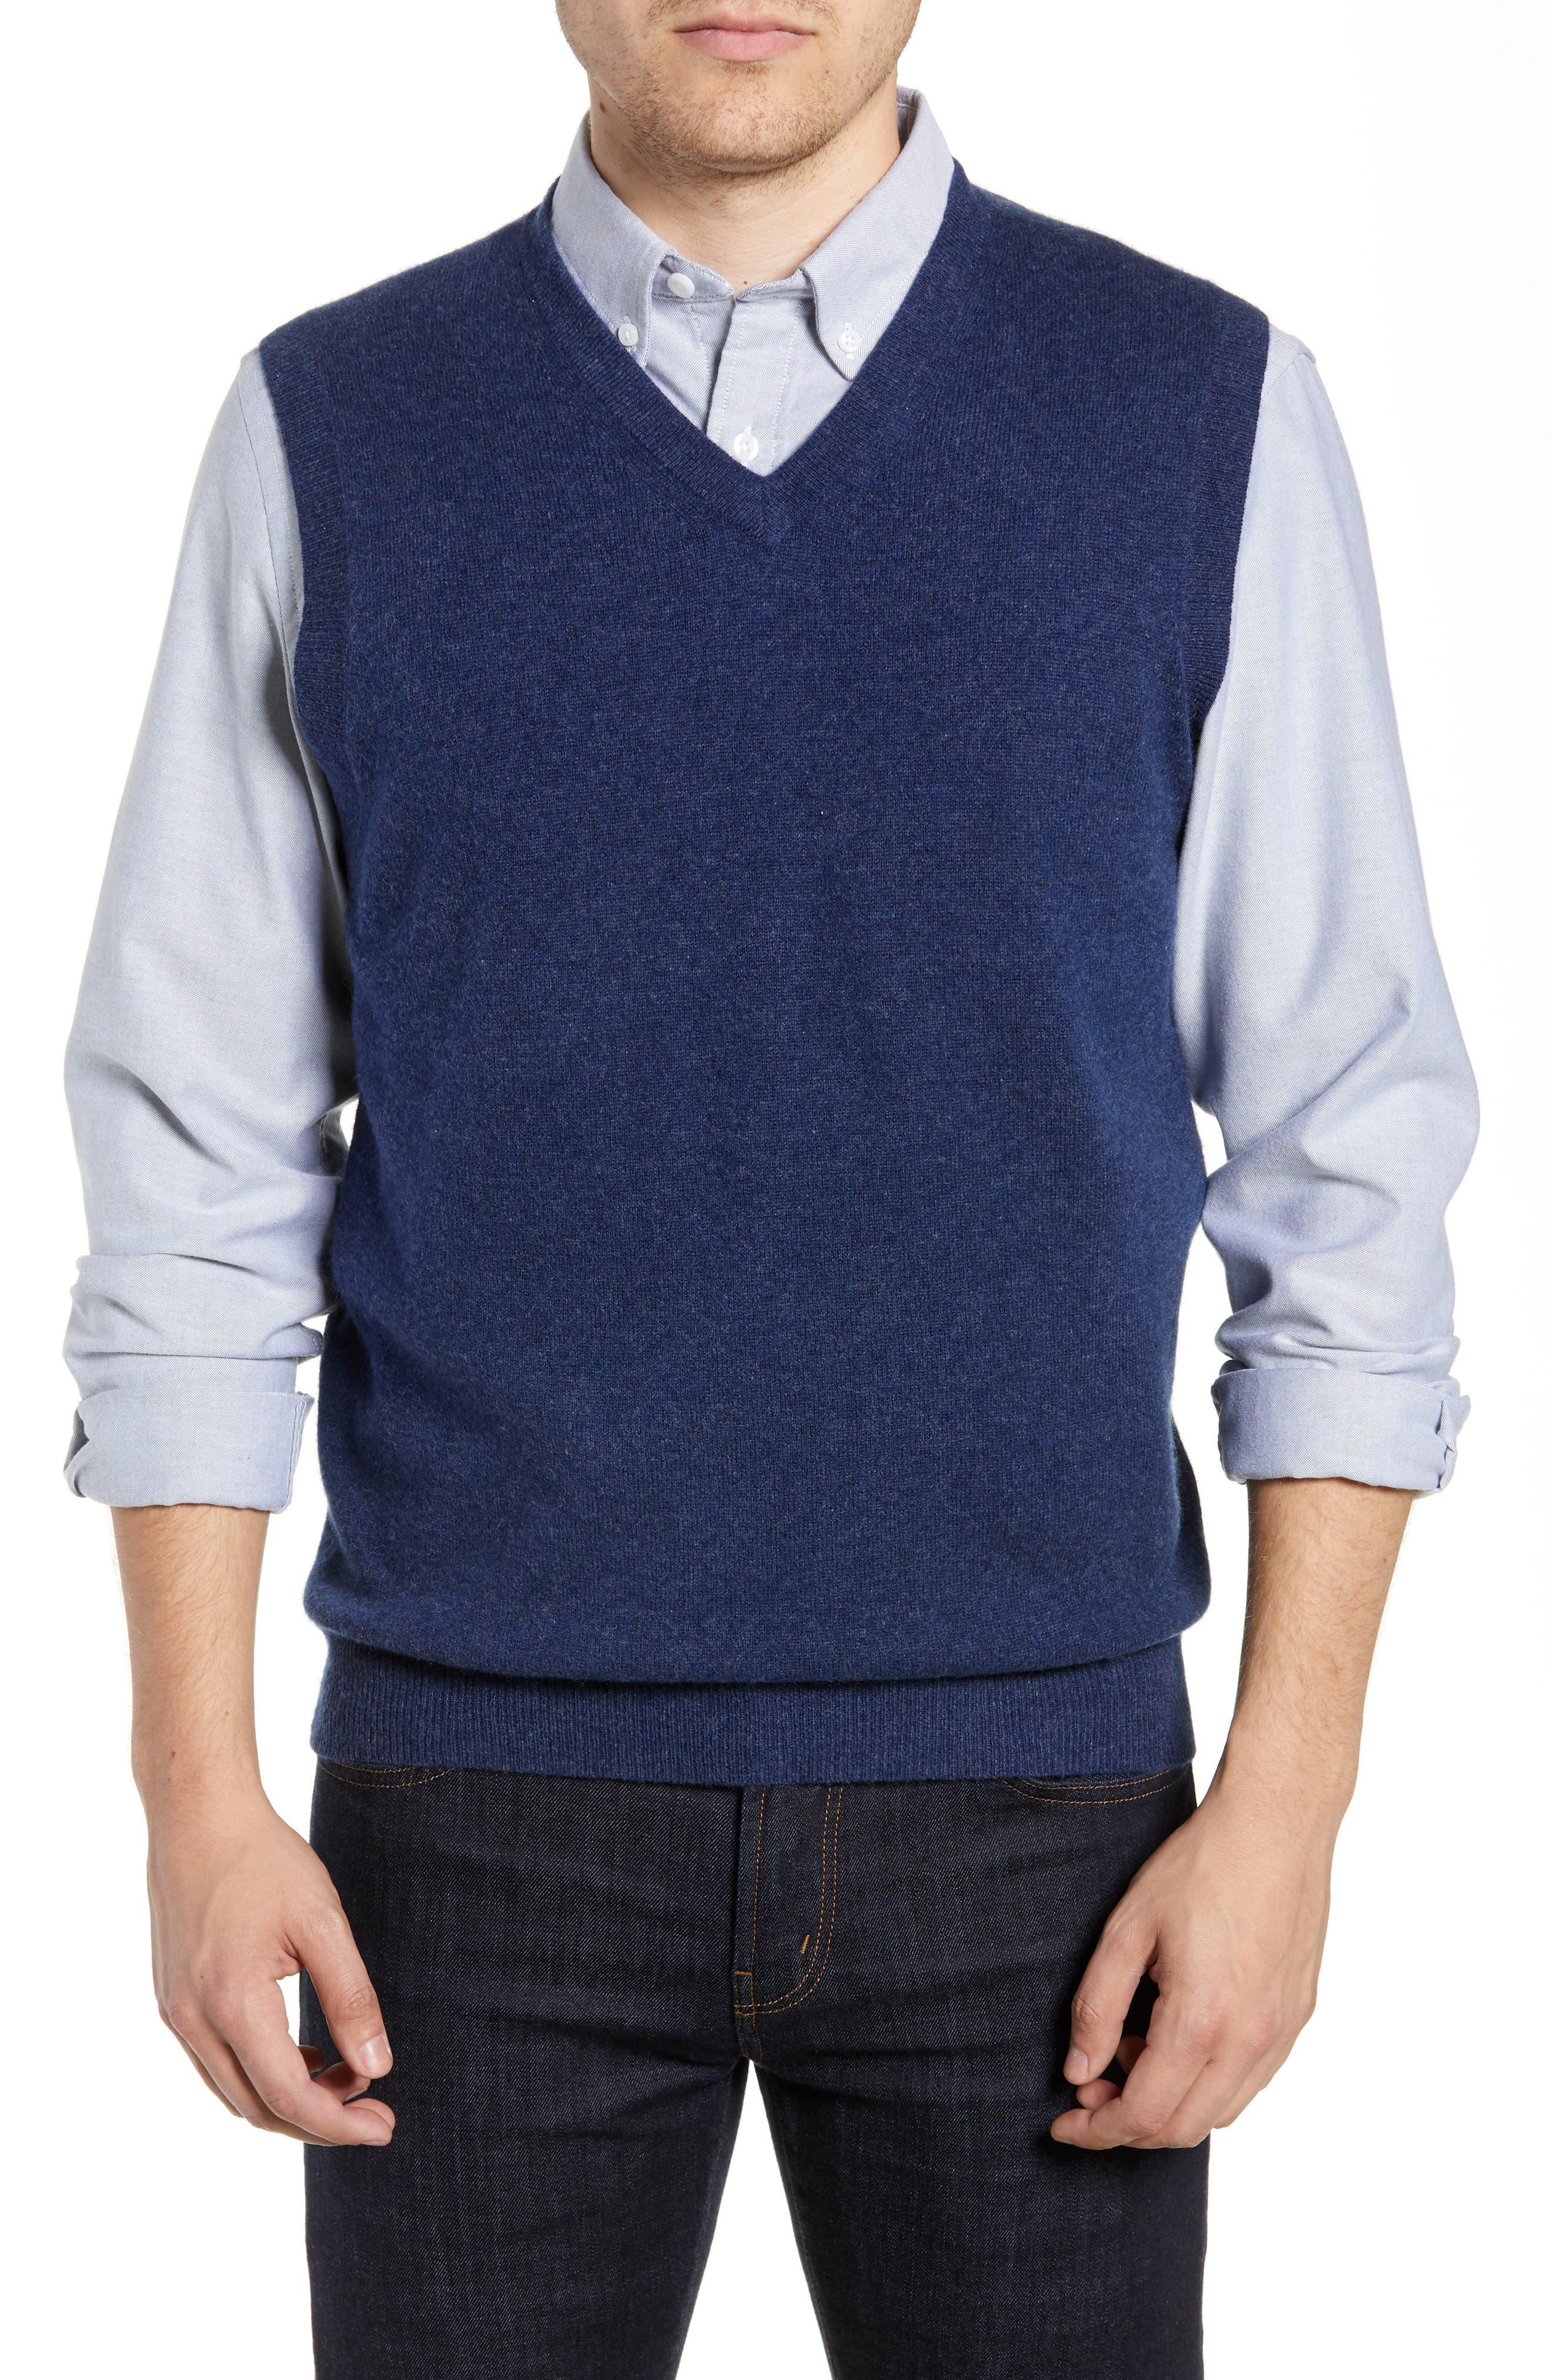 Cashmere V-Neck Sweater Vest,                             Main thumbnail 1, color,                             BLUE ESTATE HEATHER